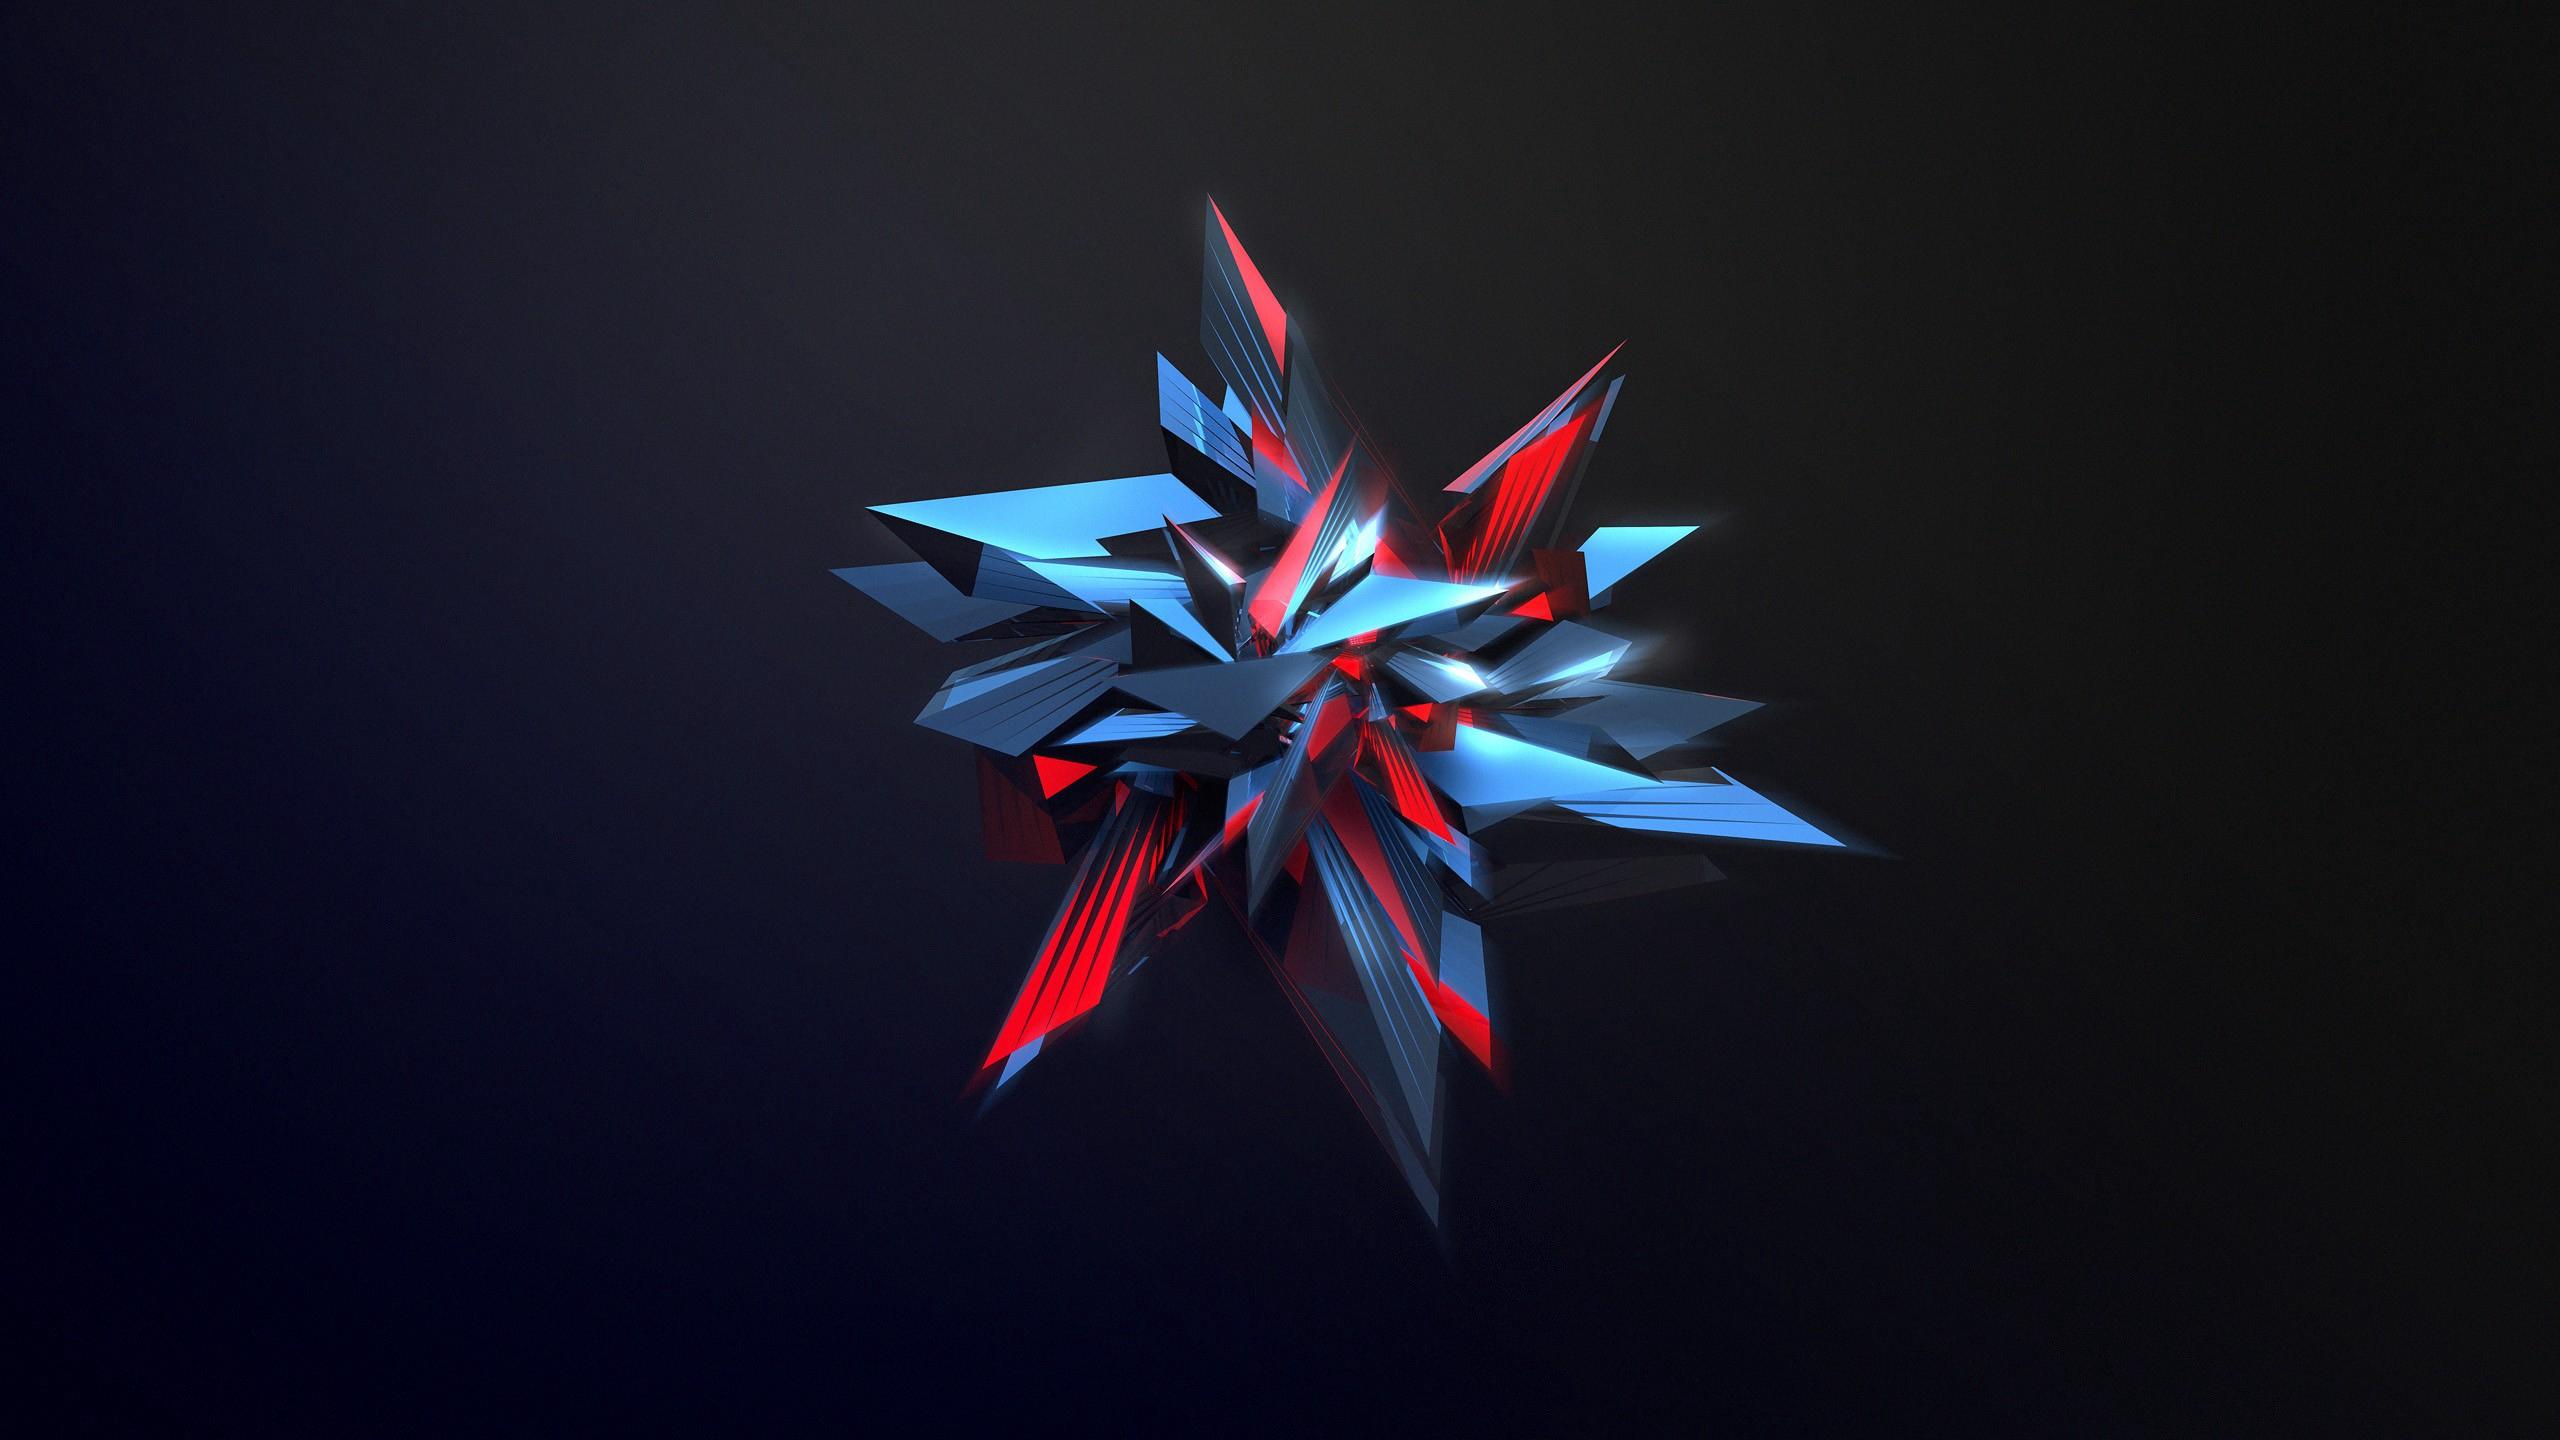 абстракция, фигура, звезда, abstraction, figure, star, hd обои